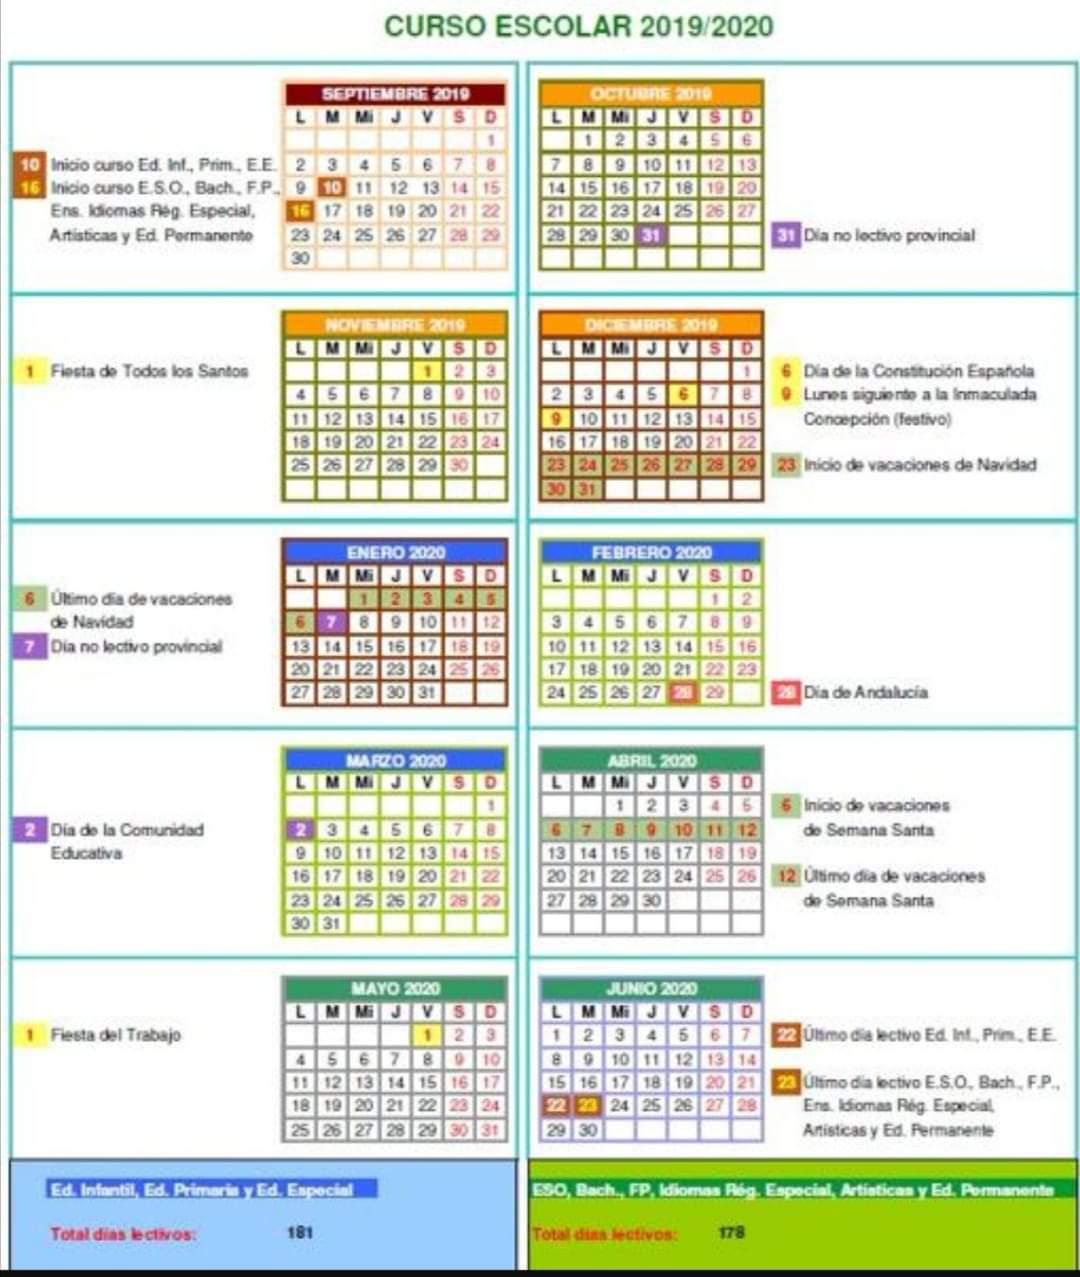 Imagen de la noticia: Calendario escolar de Cádiz. Curso 19/20